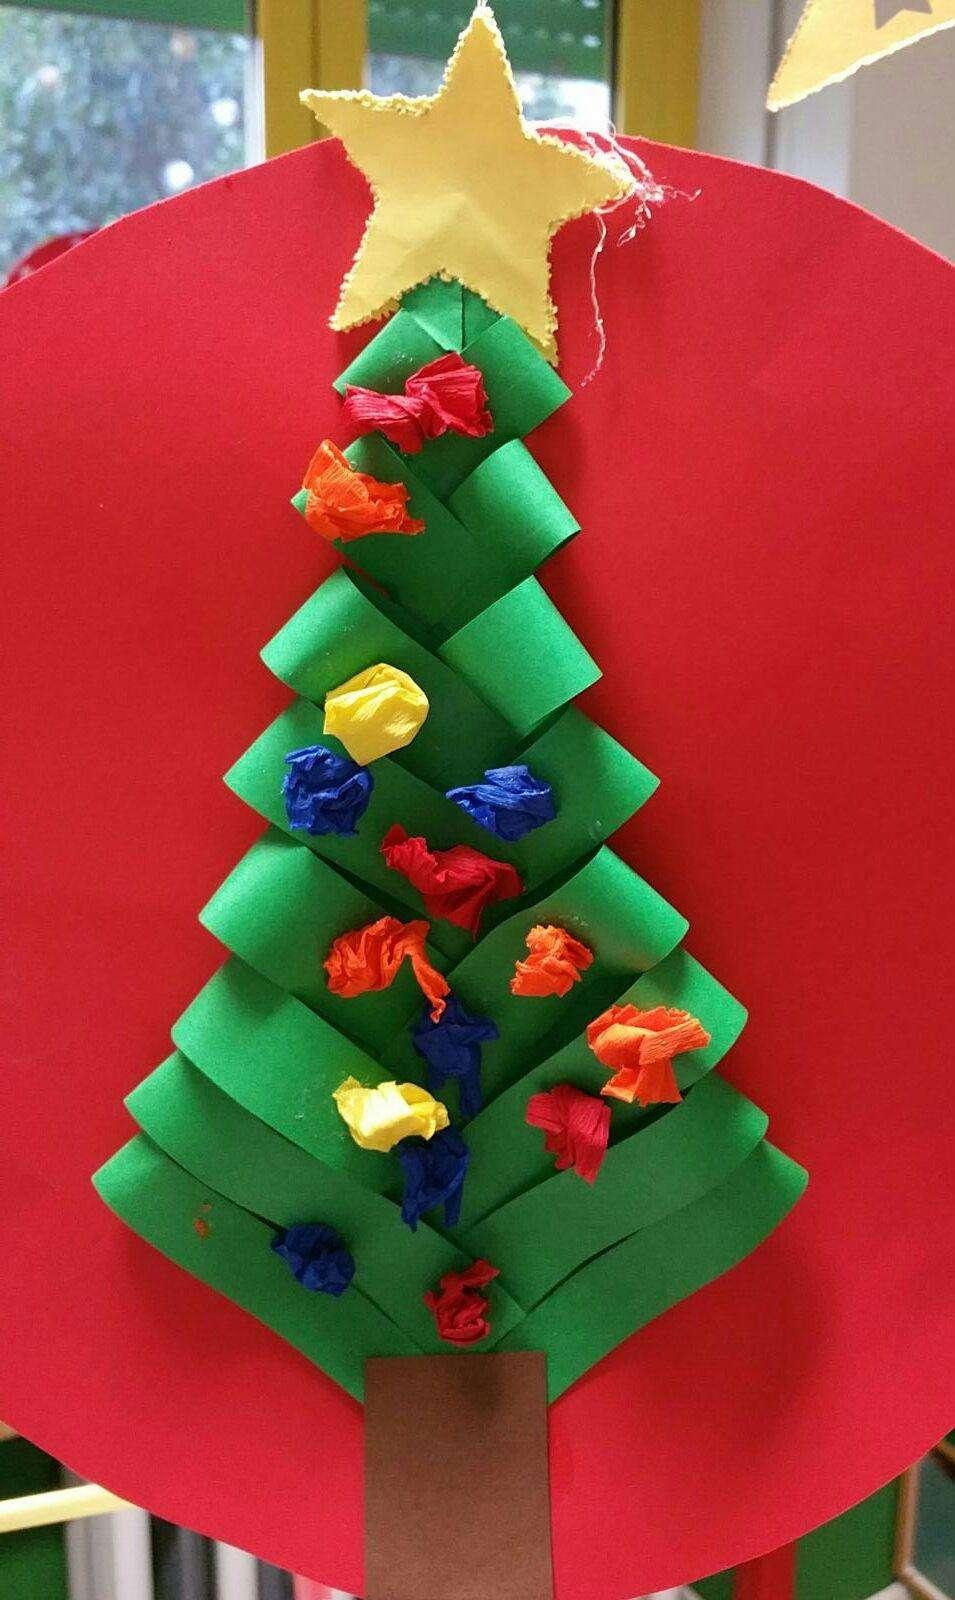 Natale nelle scuole di sona saggi e lavoretti per unire for Lavoretti di natale maestra gemma